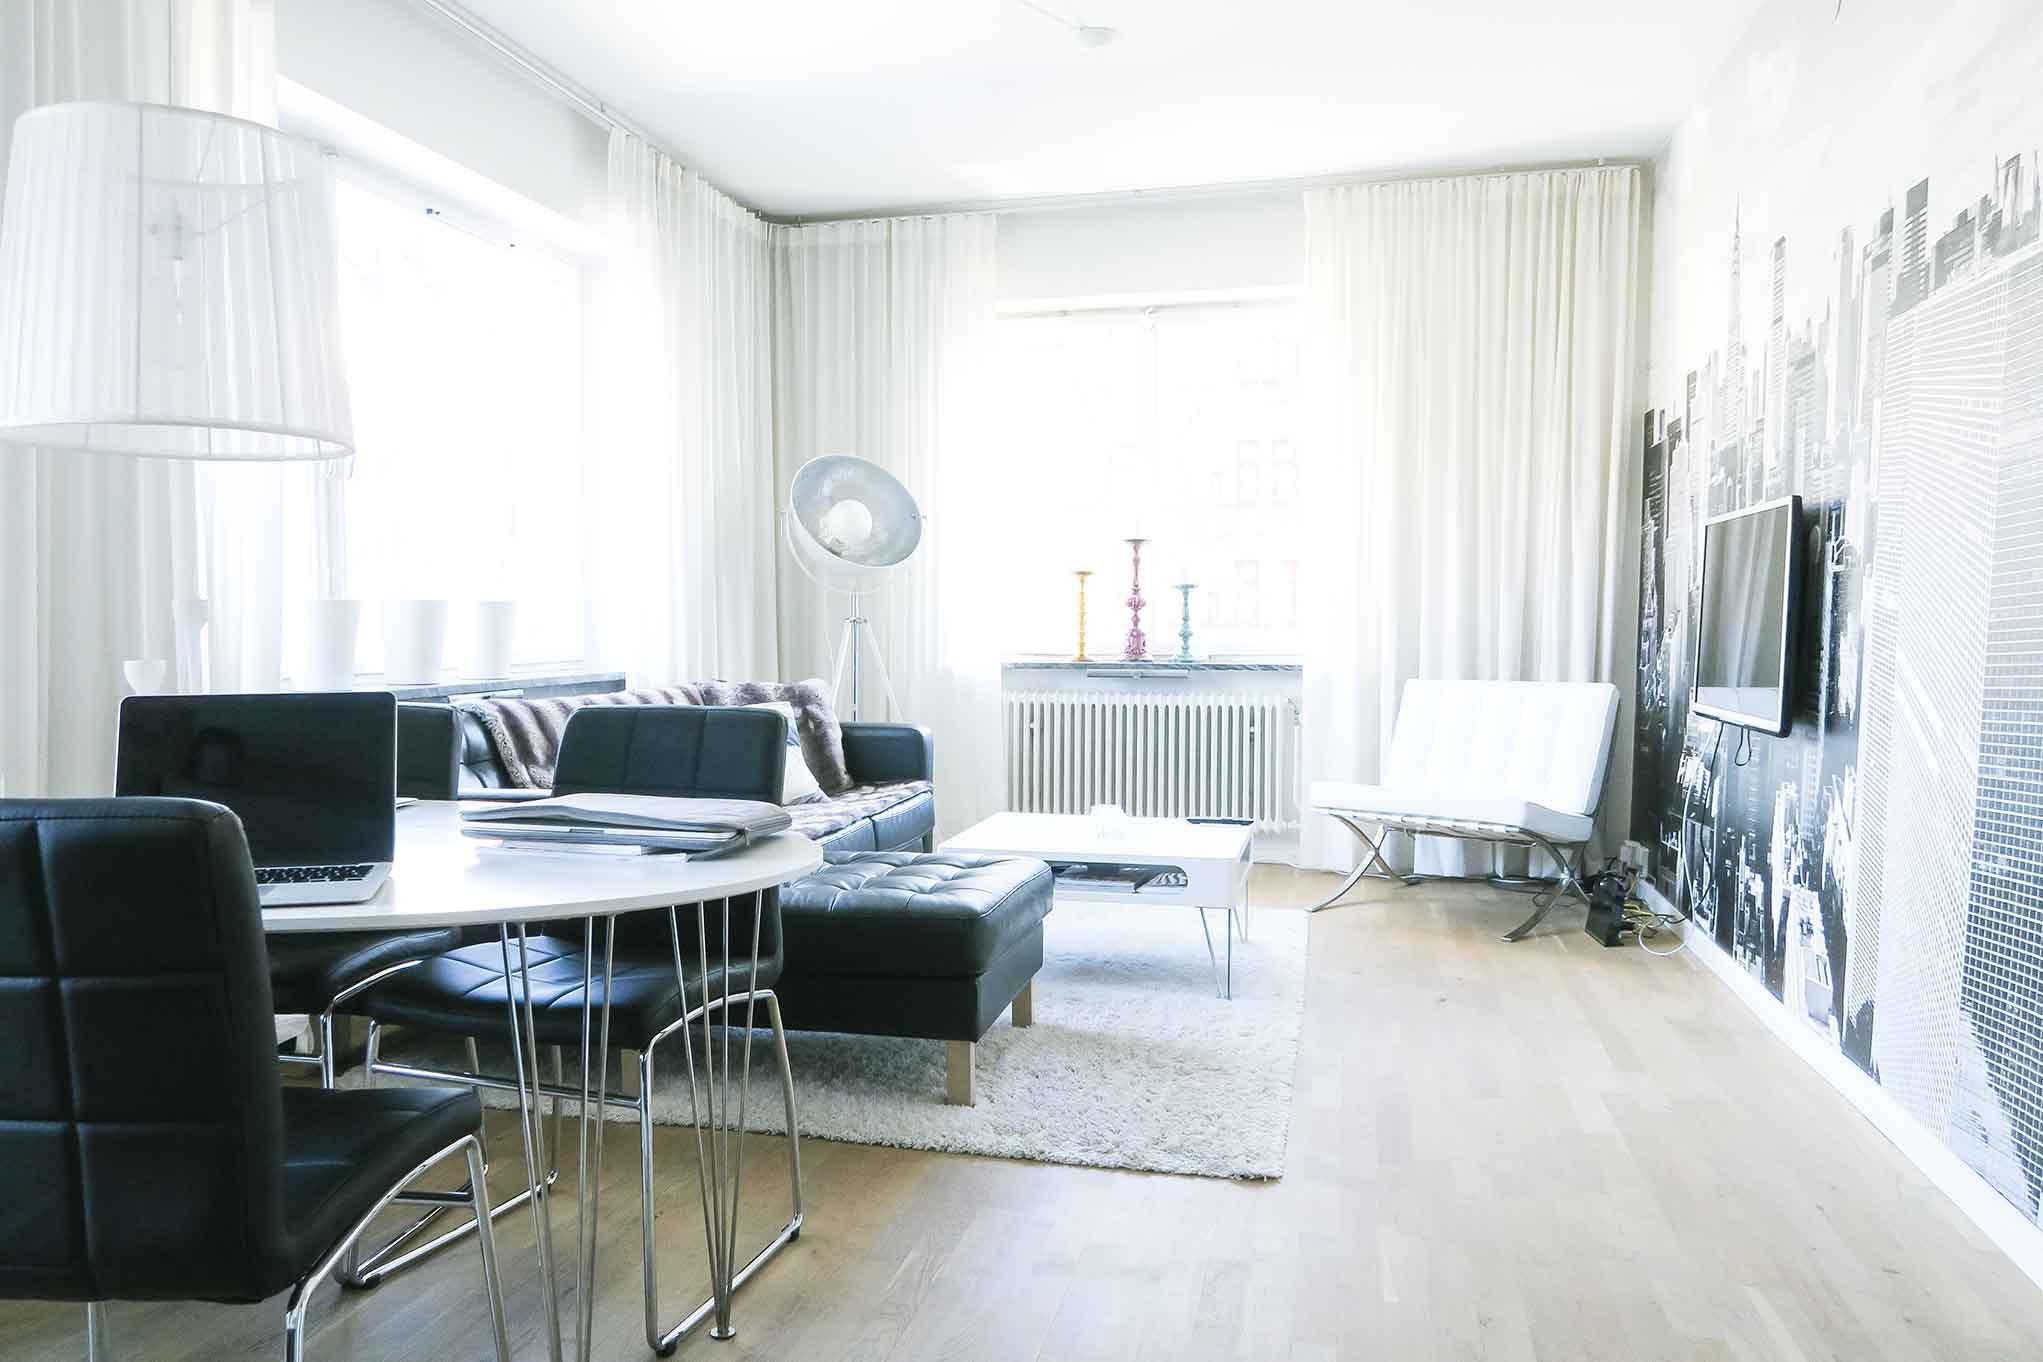 lägenhet kungsholmen